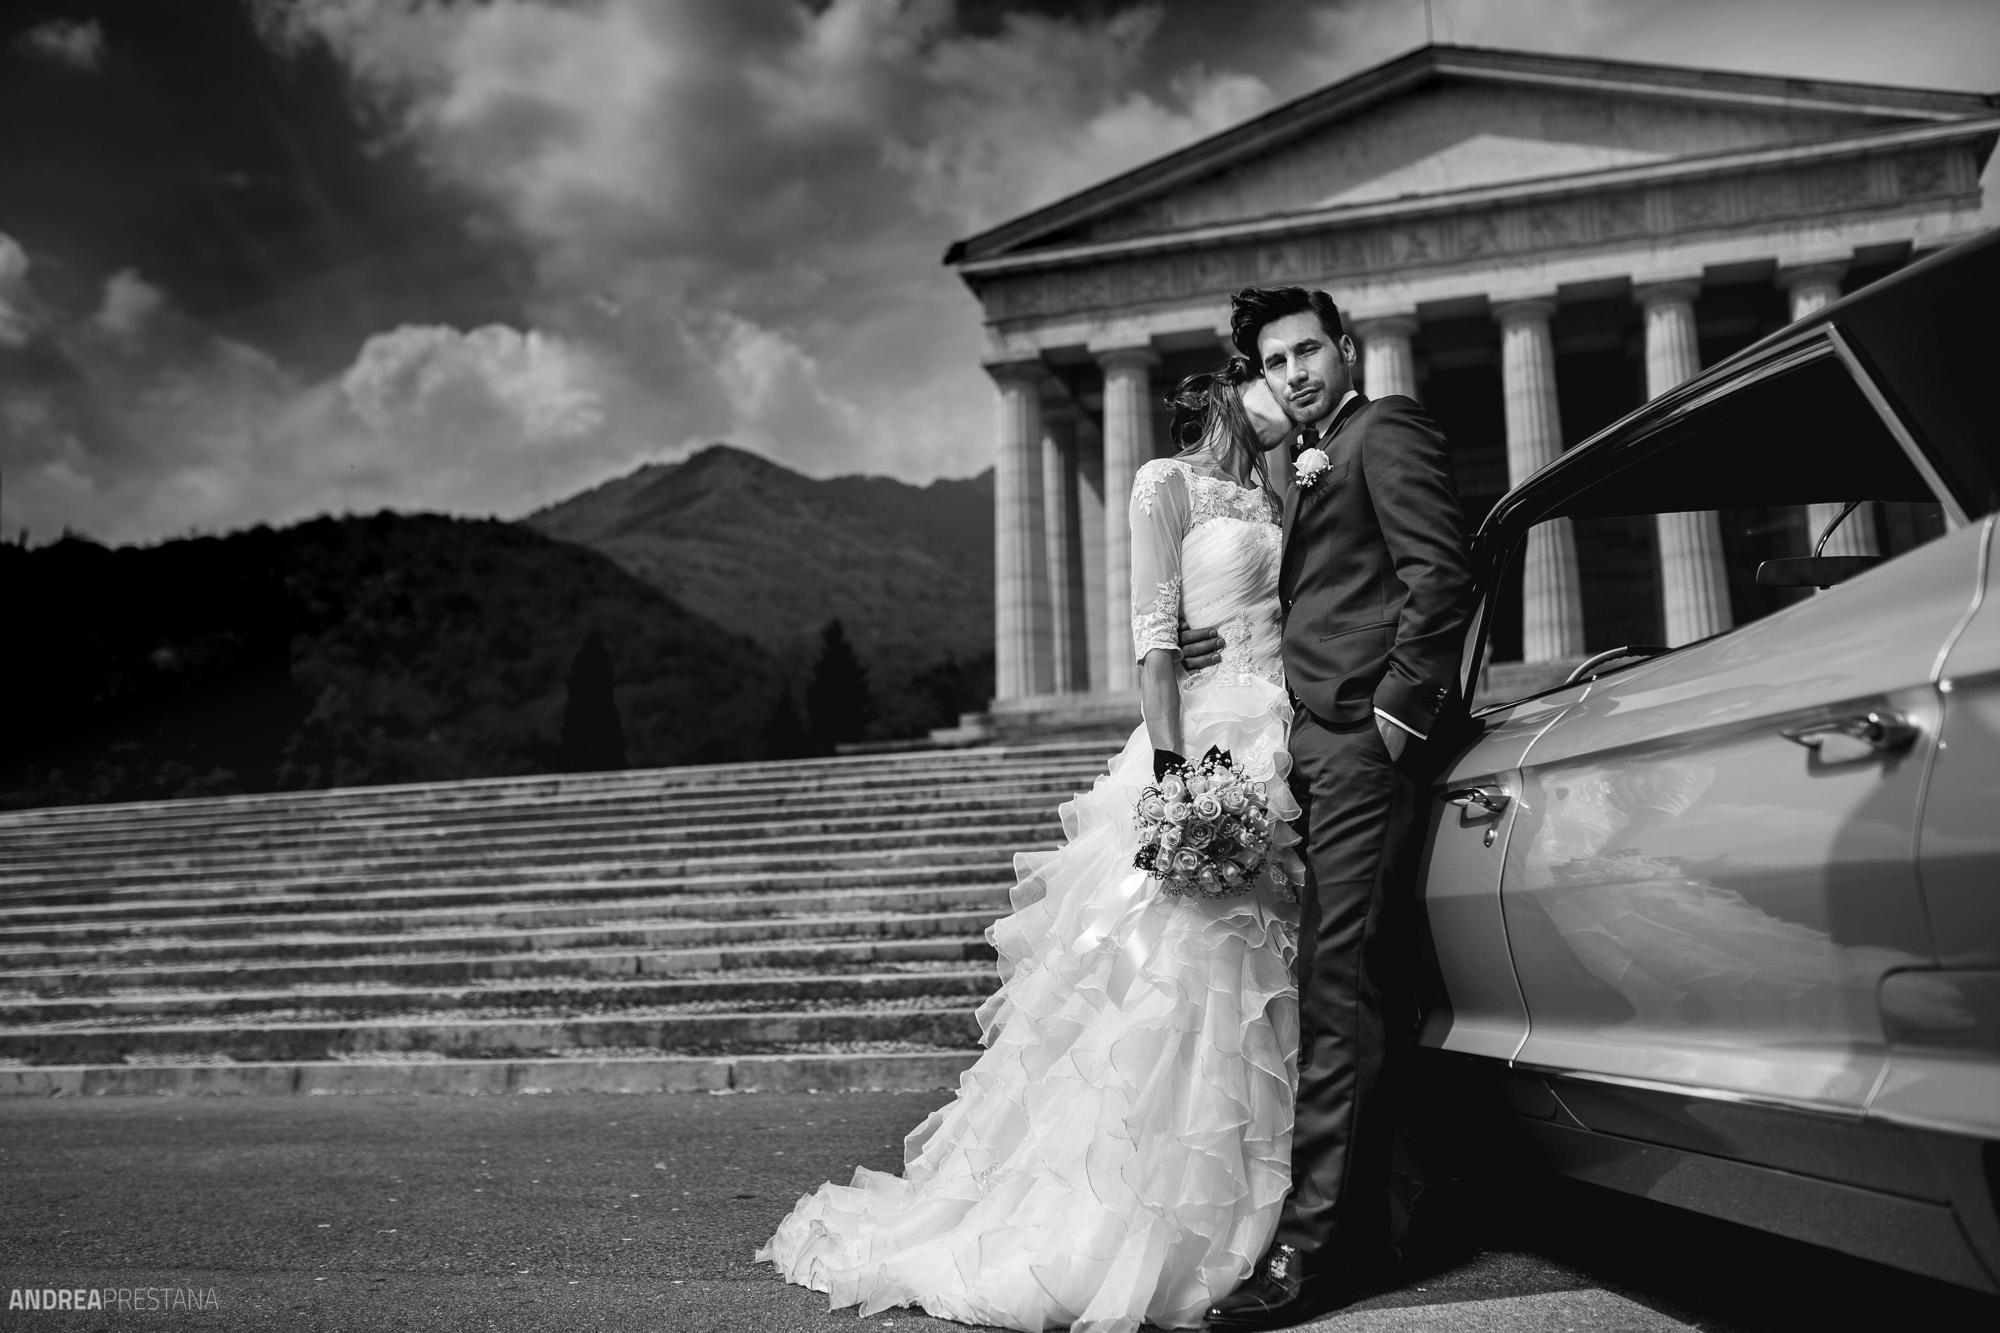 fotografo professionista di matrimoni Montebelluna